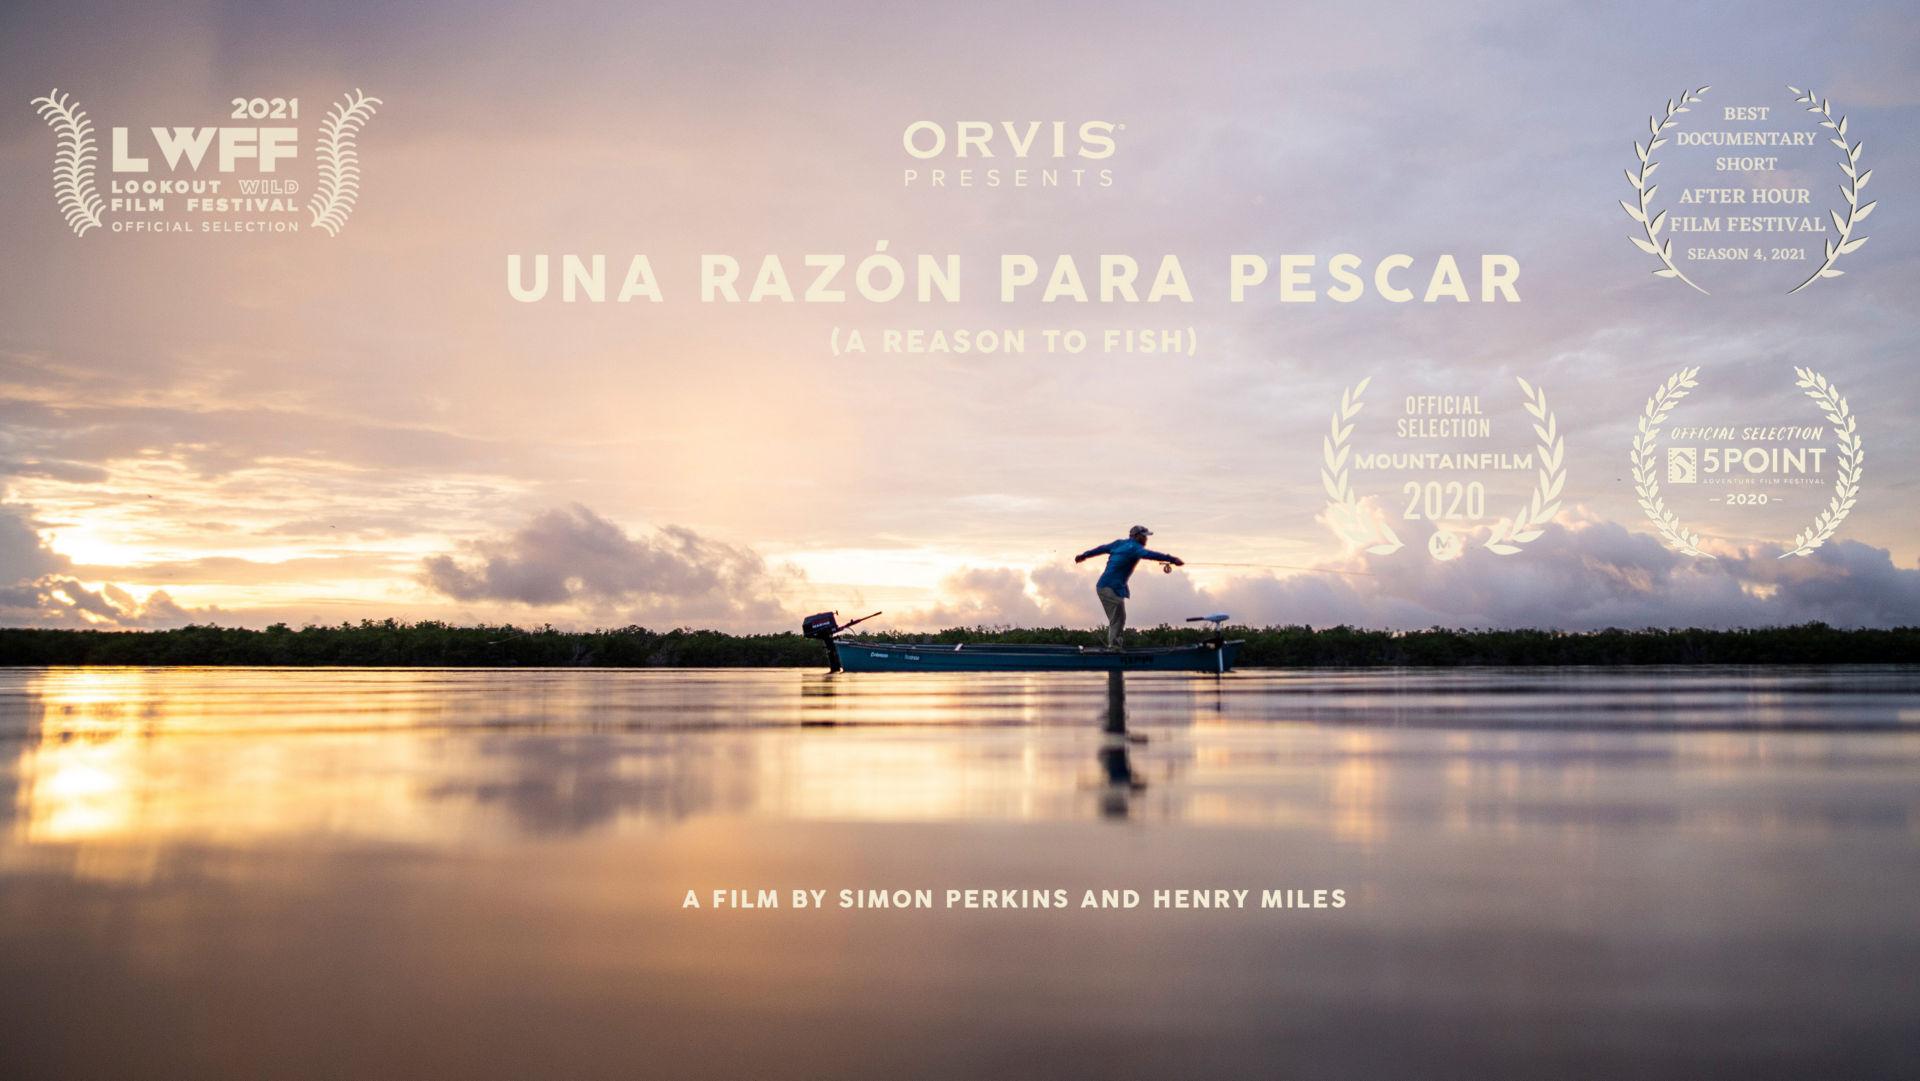 Una Razon Para Pescar video with awards and nominations.